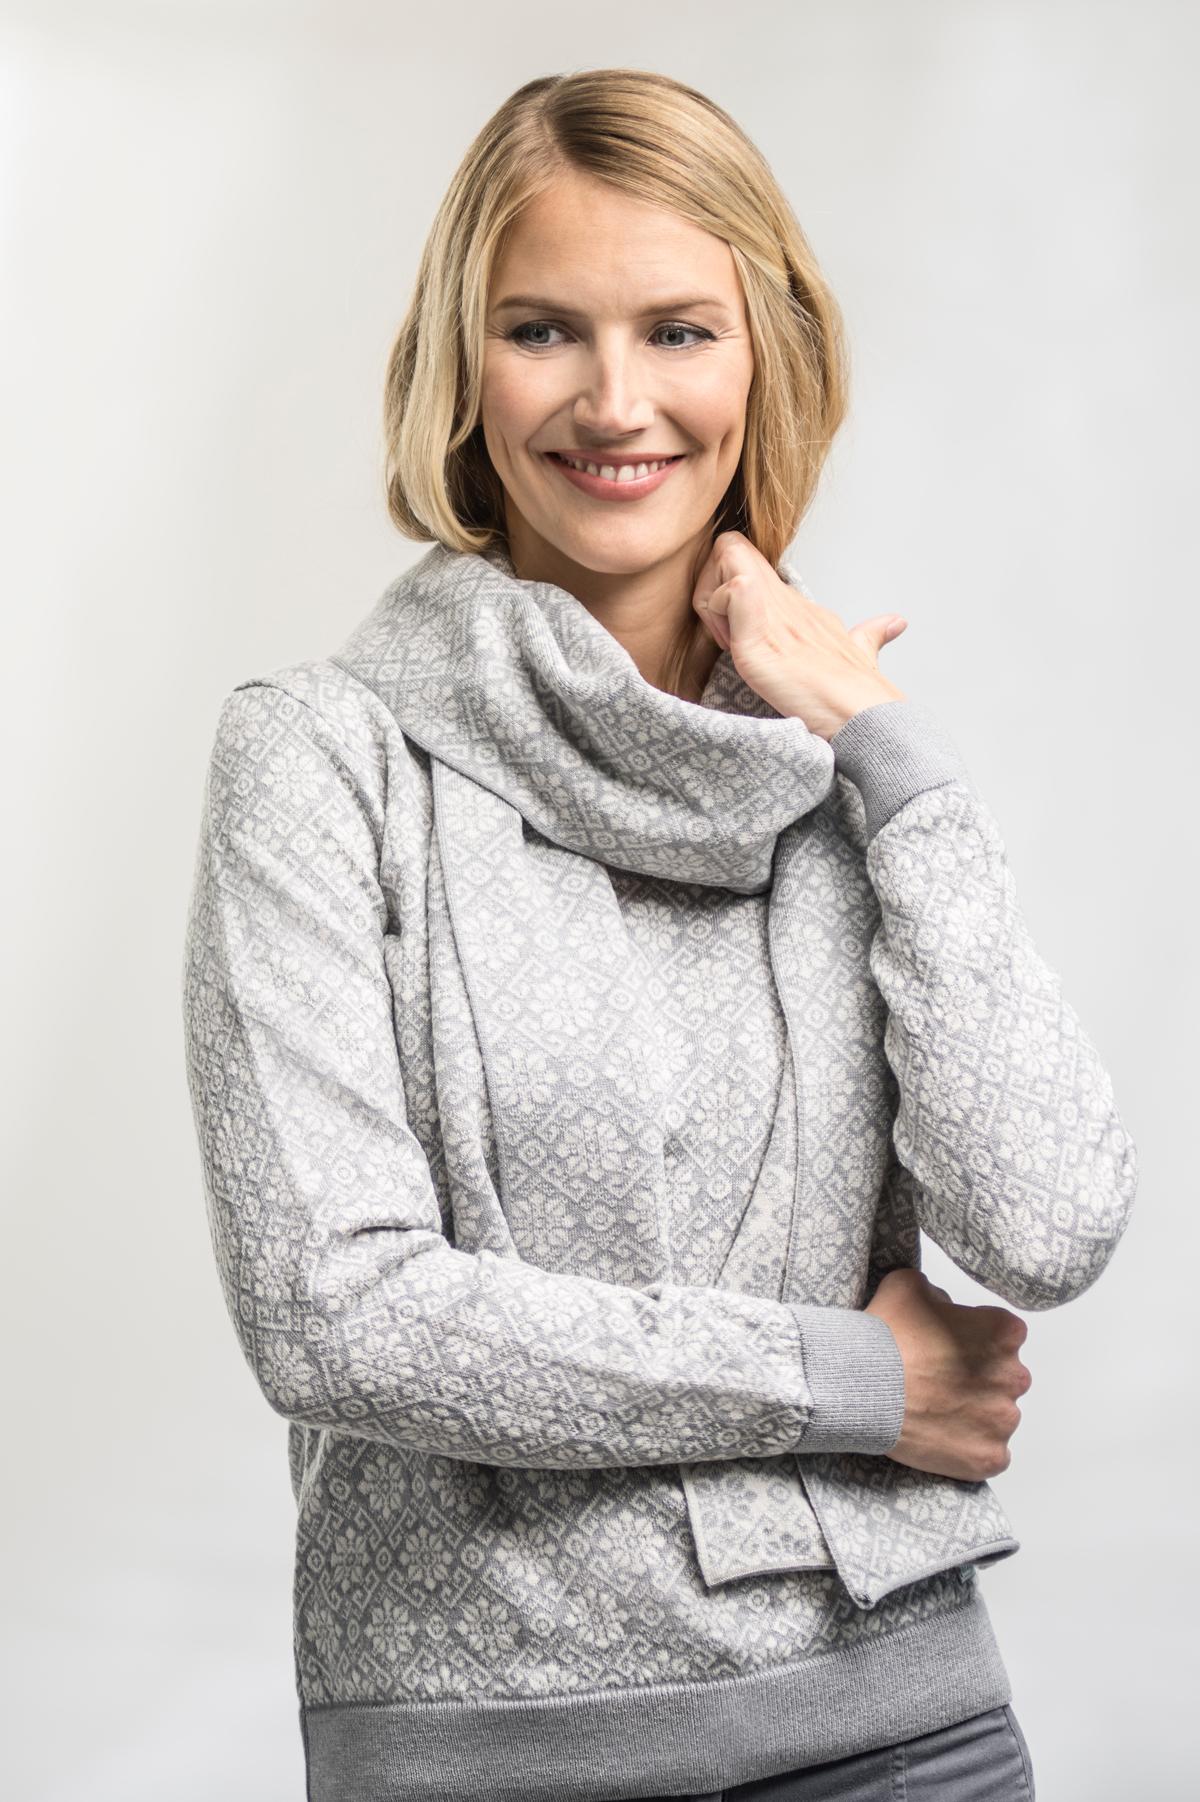 Sonja Women's Sweater (2)